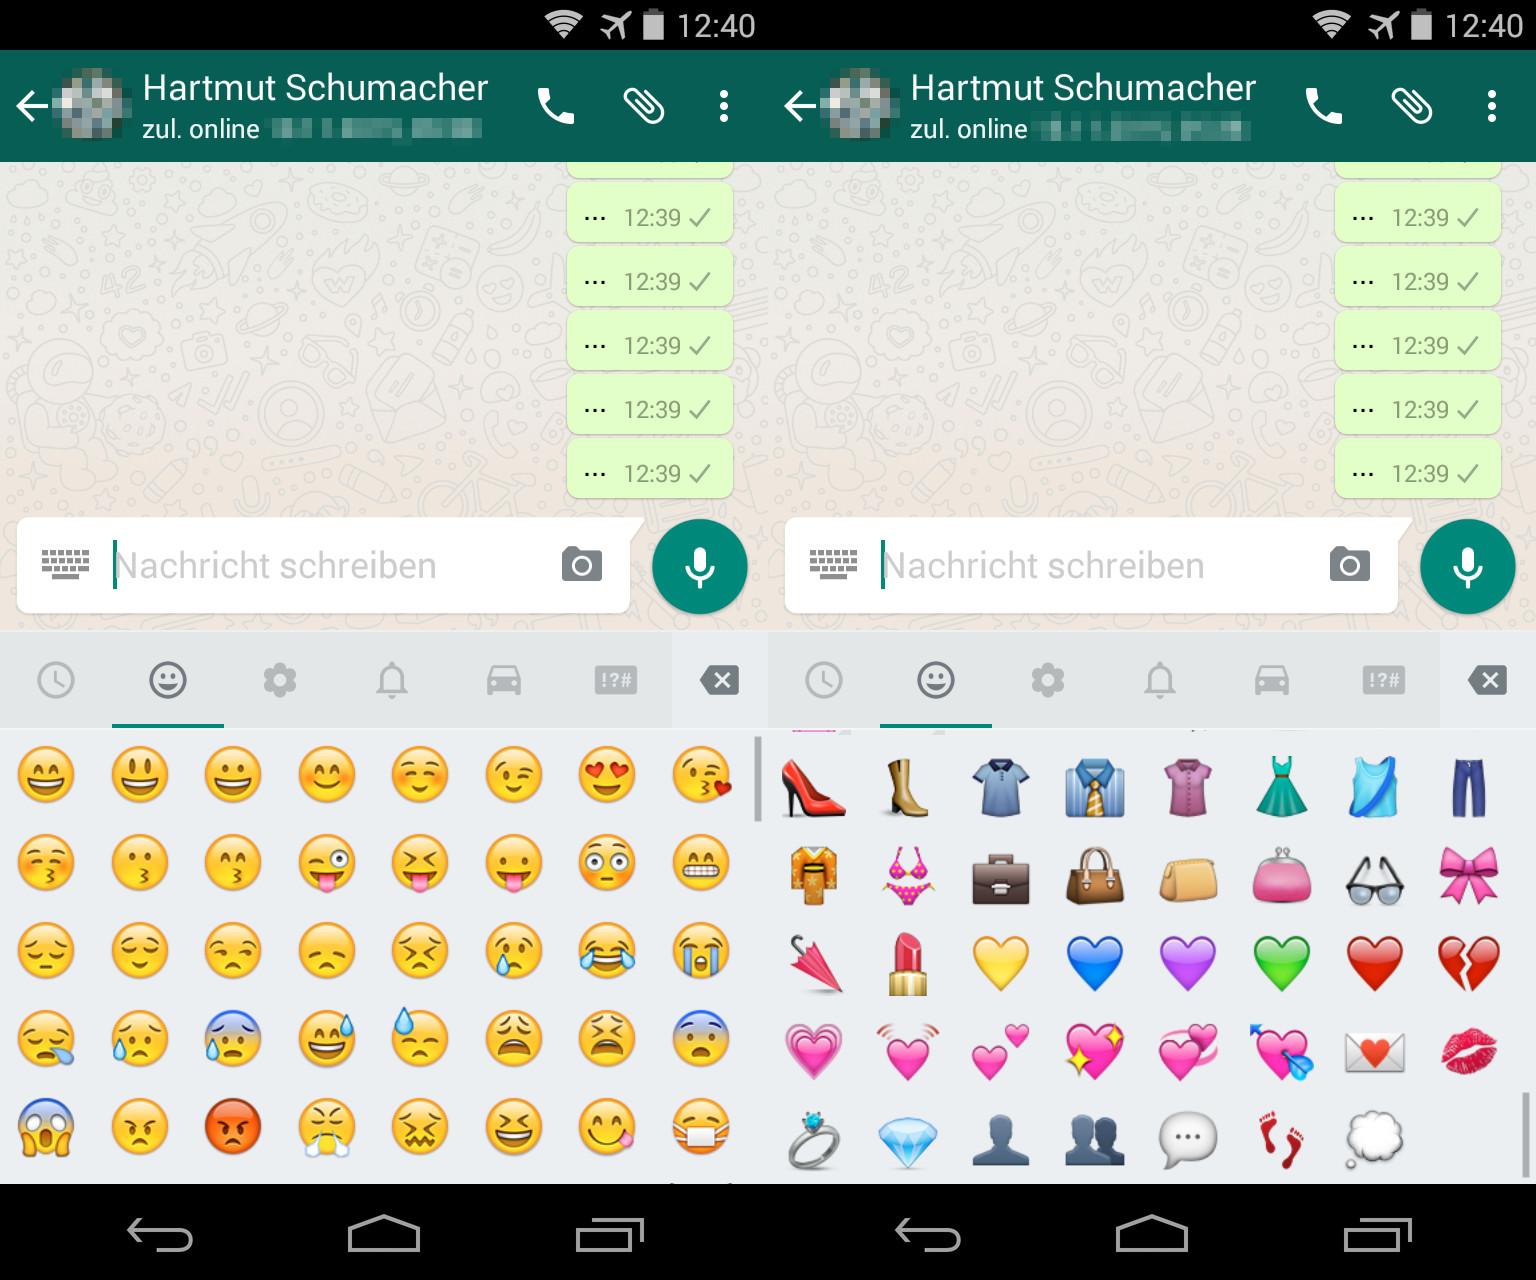 Die Android-Version von WhatsApp hinkt ihrem iOS